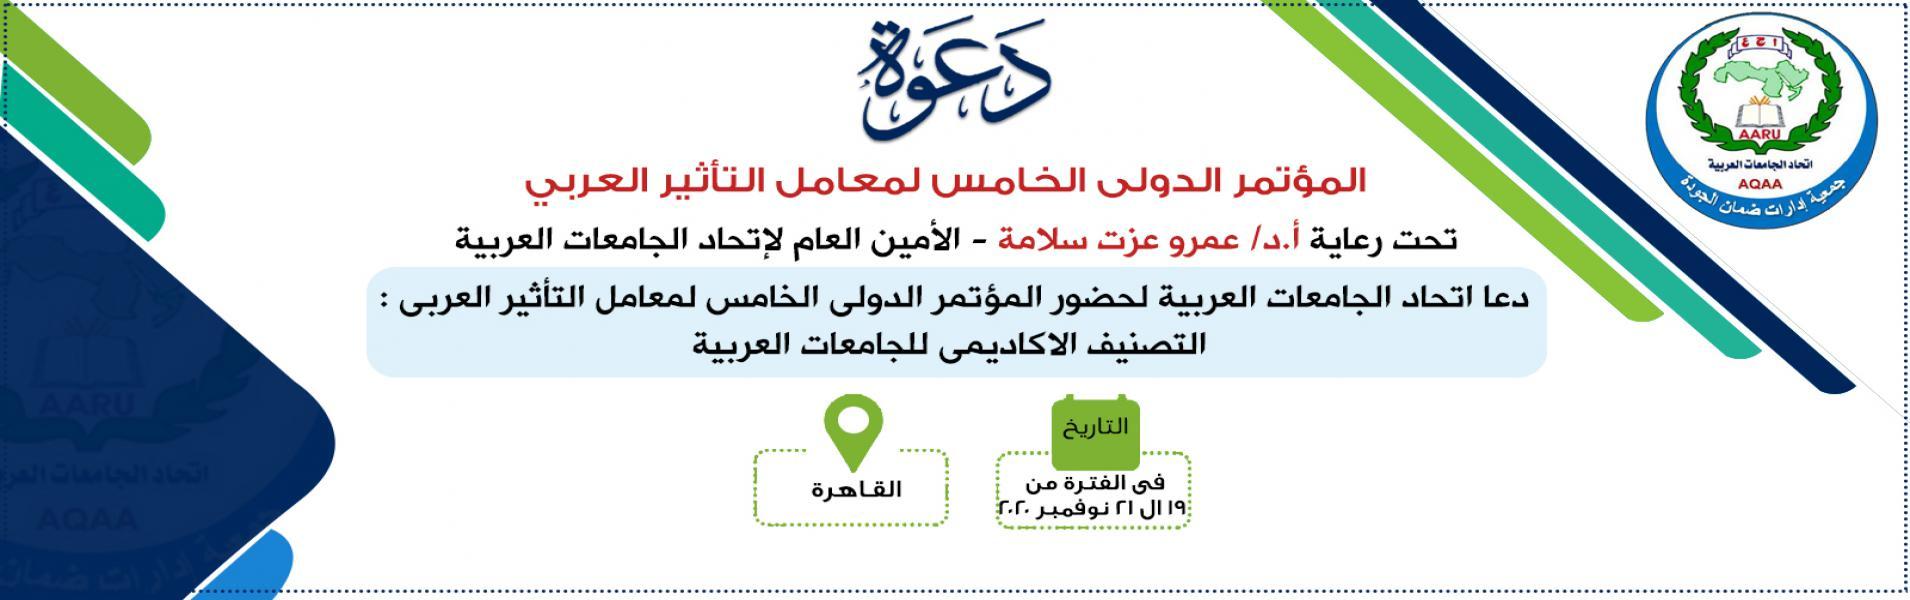 المؤتمر الدولى الخامس لمعامل التأثير العربي